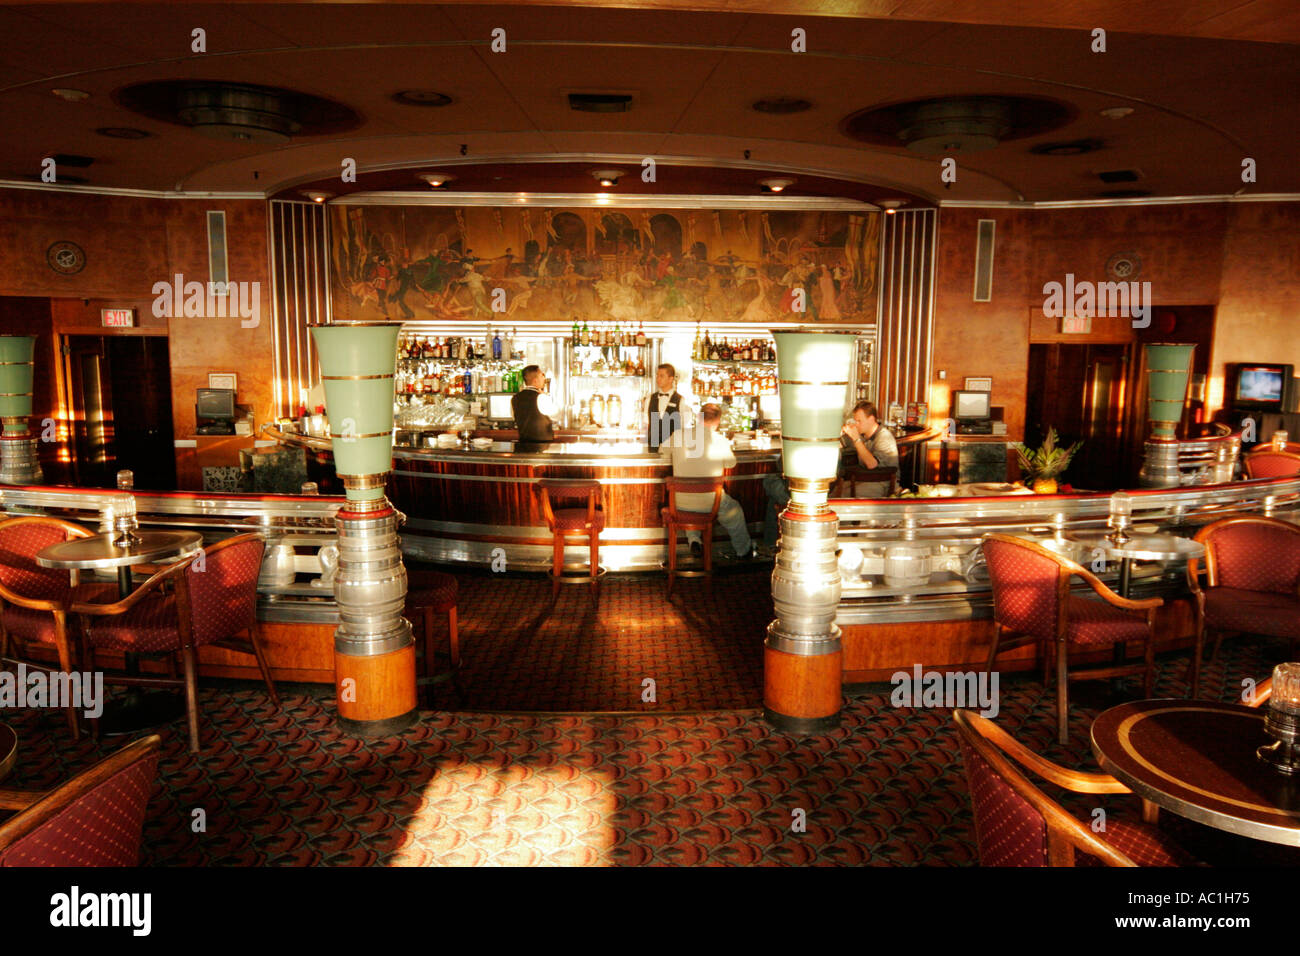 Lounge Bar Stock Photos & Lounge Bar Stock Images - Alamy